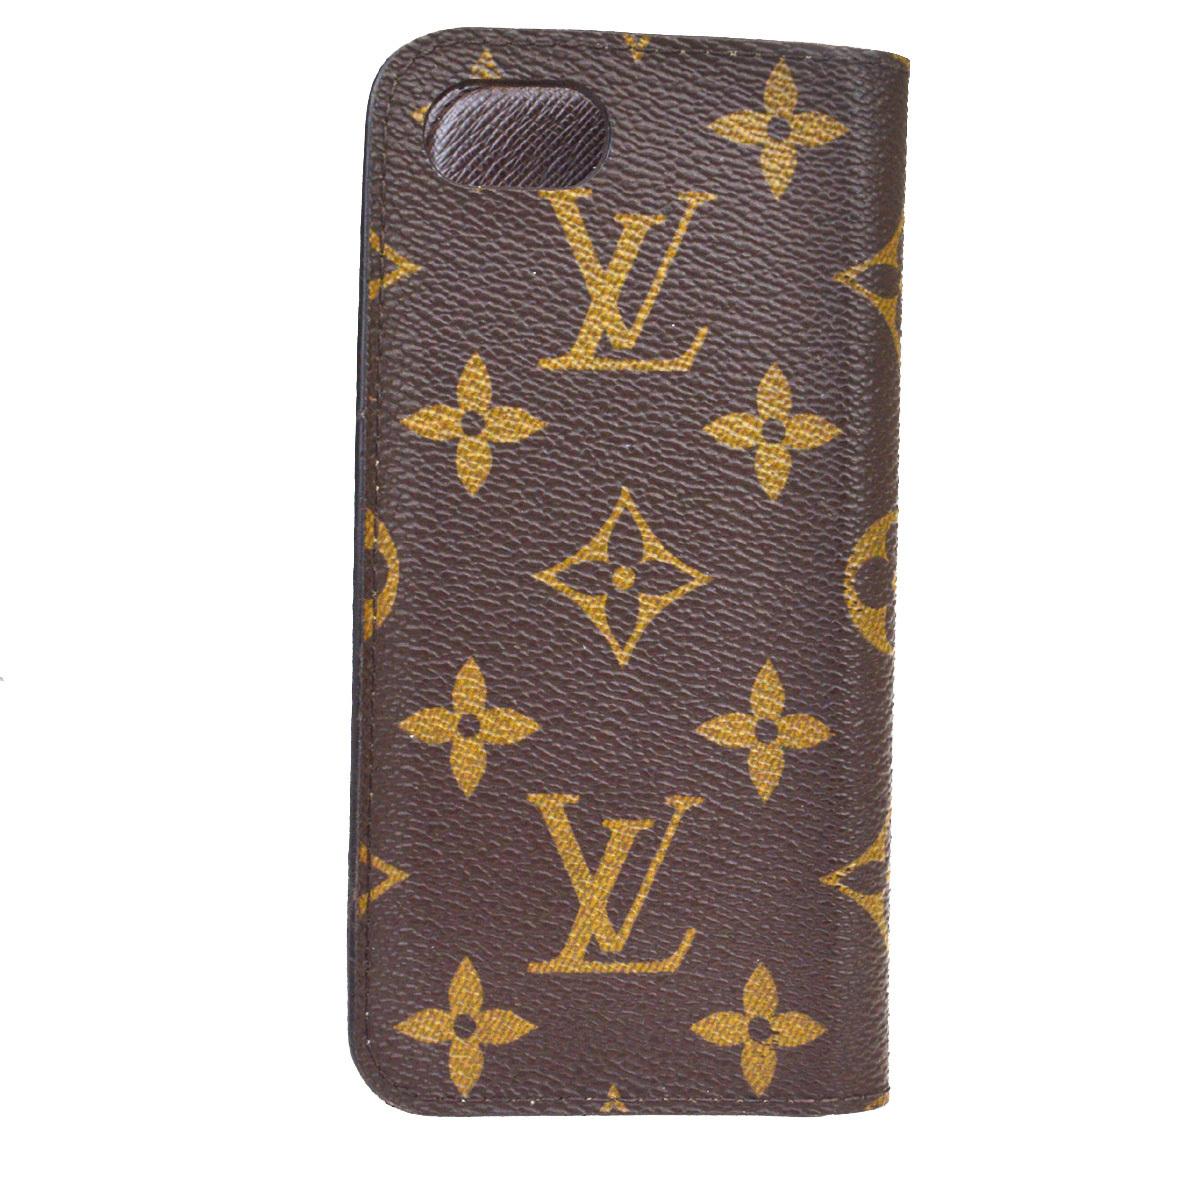 【中古】 ルイ・ヴィトン(Louis Vuitton) モノグラム iPhone7 スマホケース カバー M61909 レザースマホ・携帯ケース ブラウン 08FA976